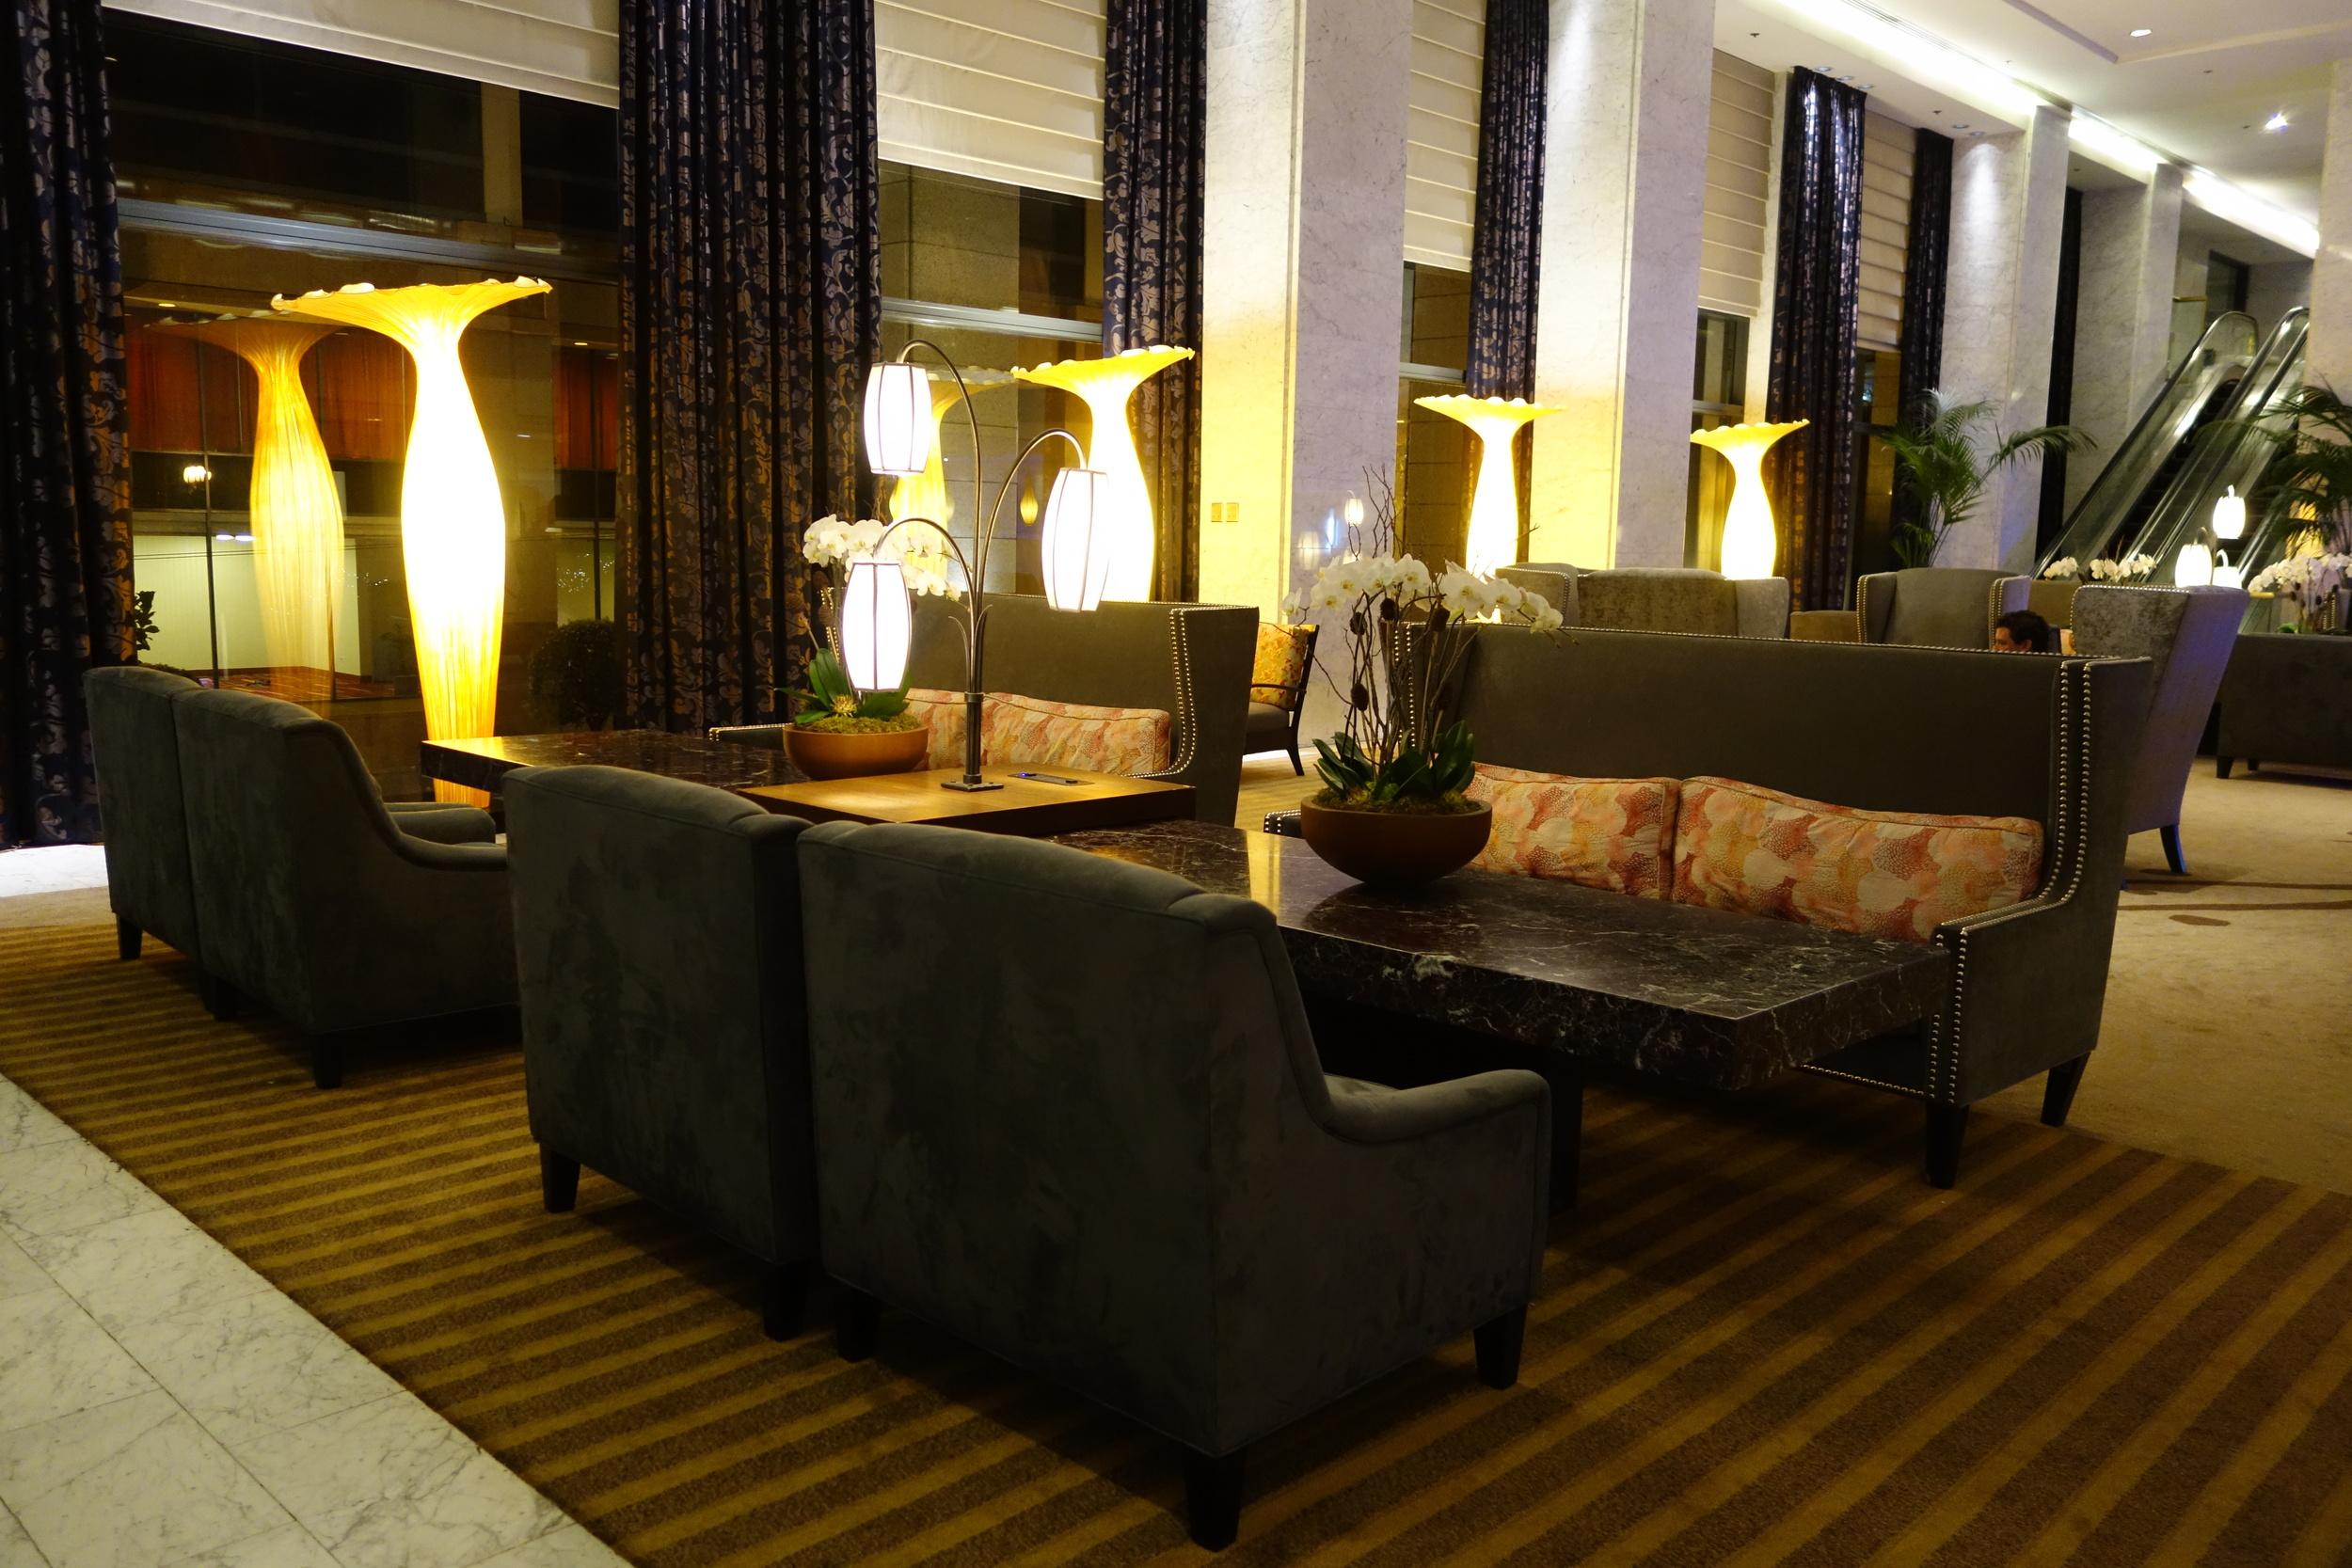 Hotel Nikko Lobby